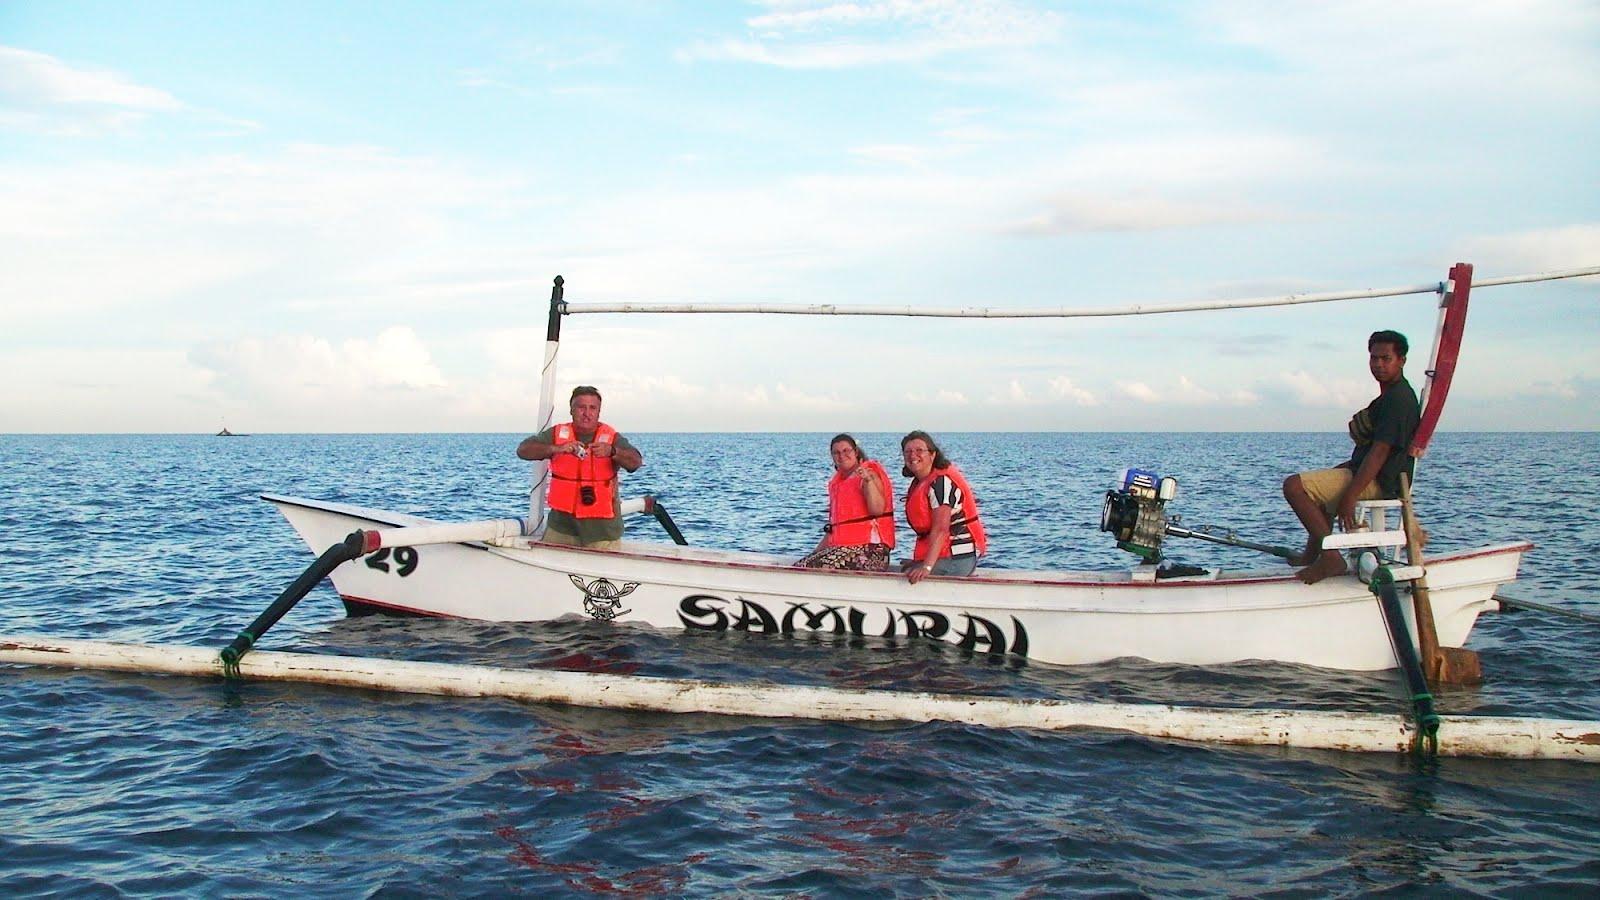 embarcación balinesa, Lovina, Isla de Bali,Indonesia, vuelta al mundo, round the world, La vuelta al mundo de Asun y Ricardo